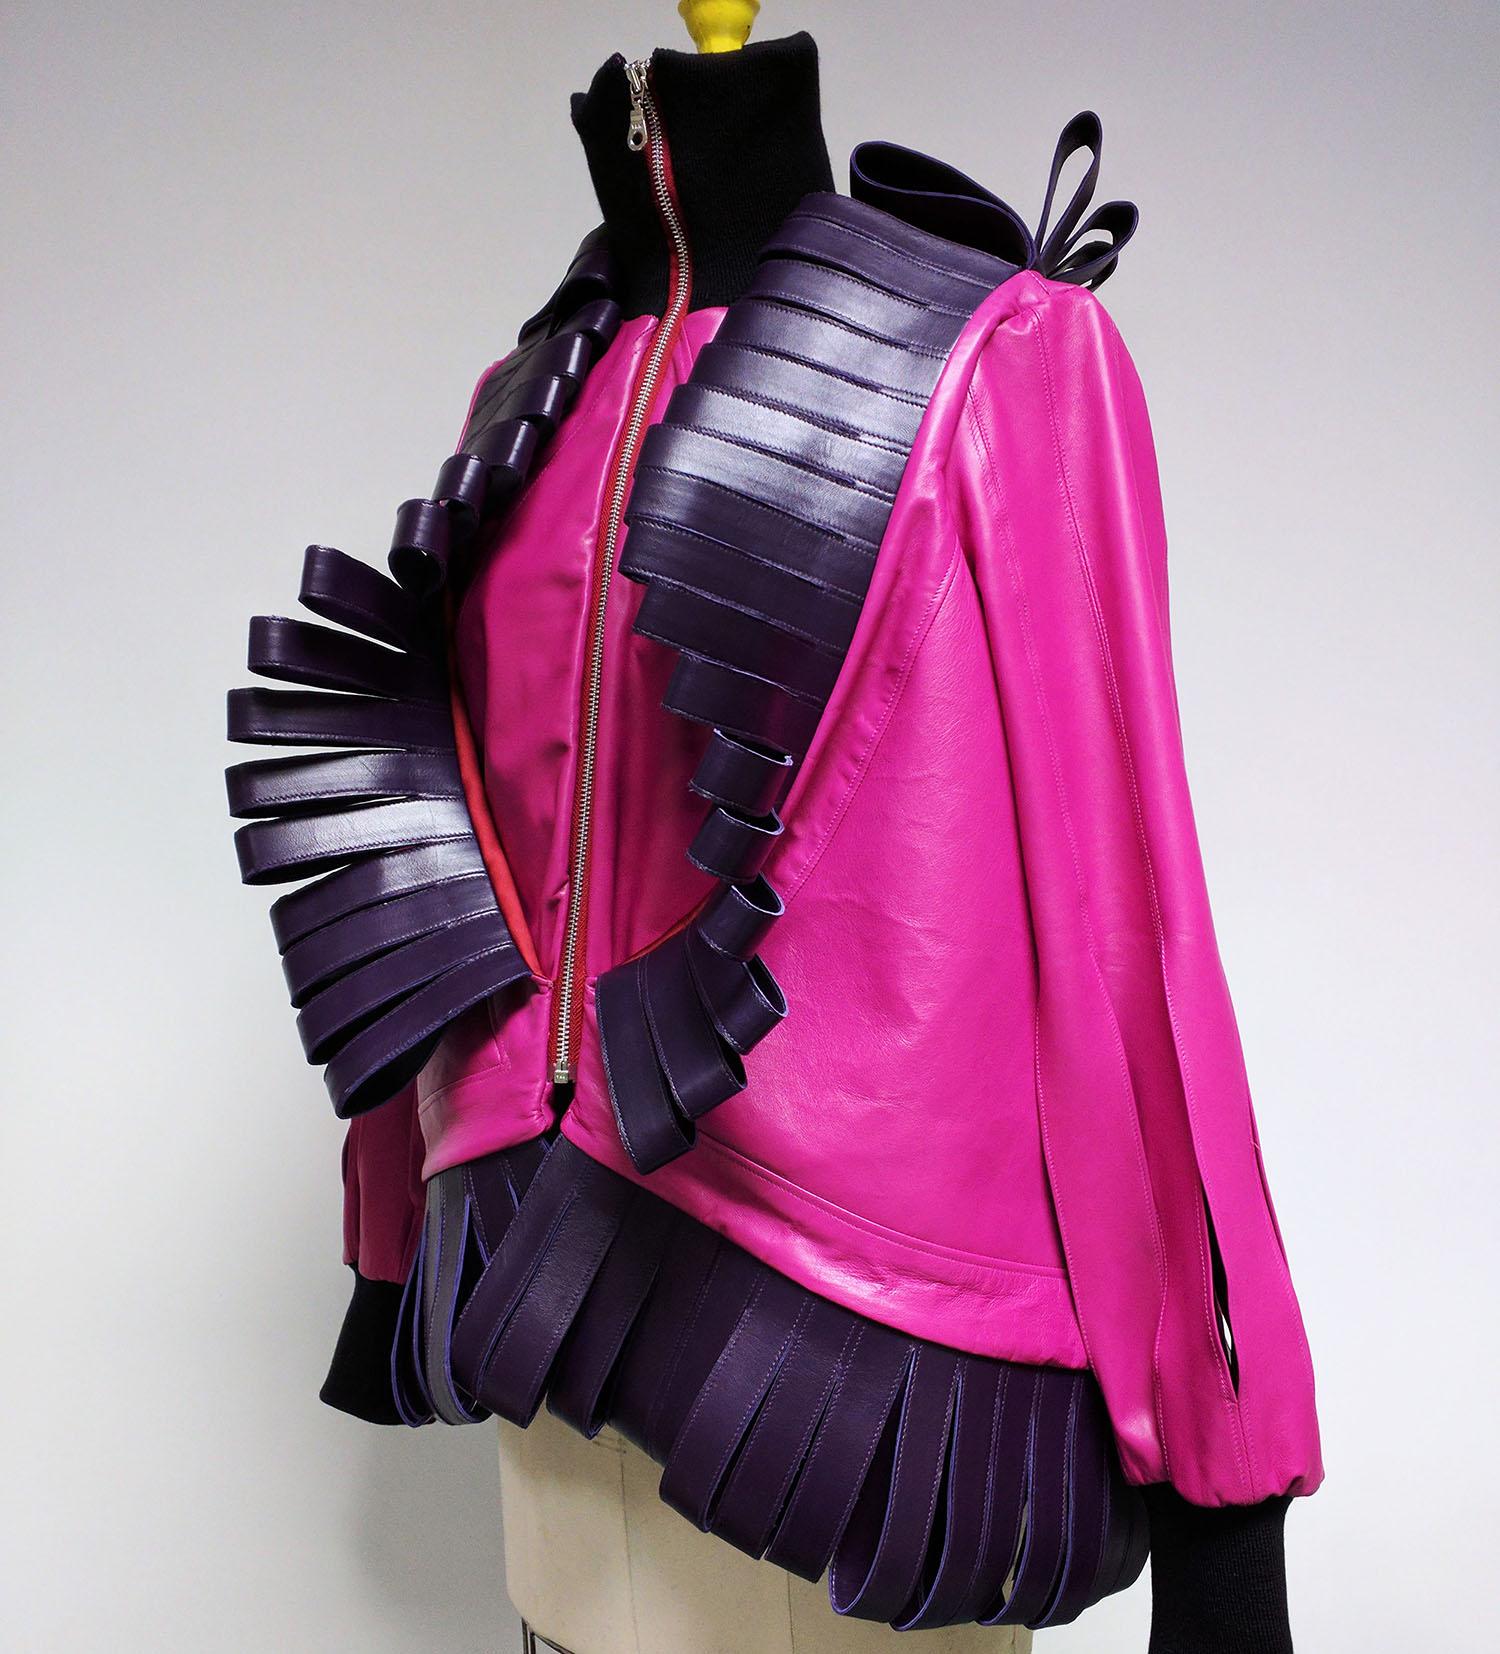 Leatherjacketside2-Web.jpg